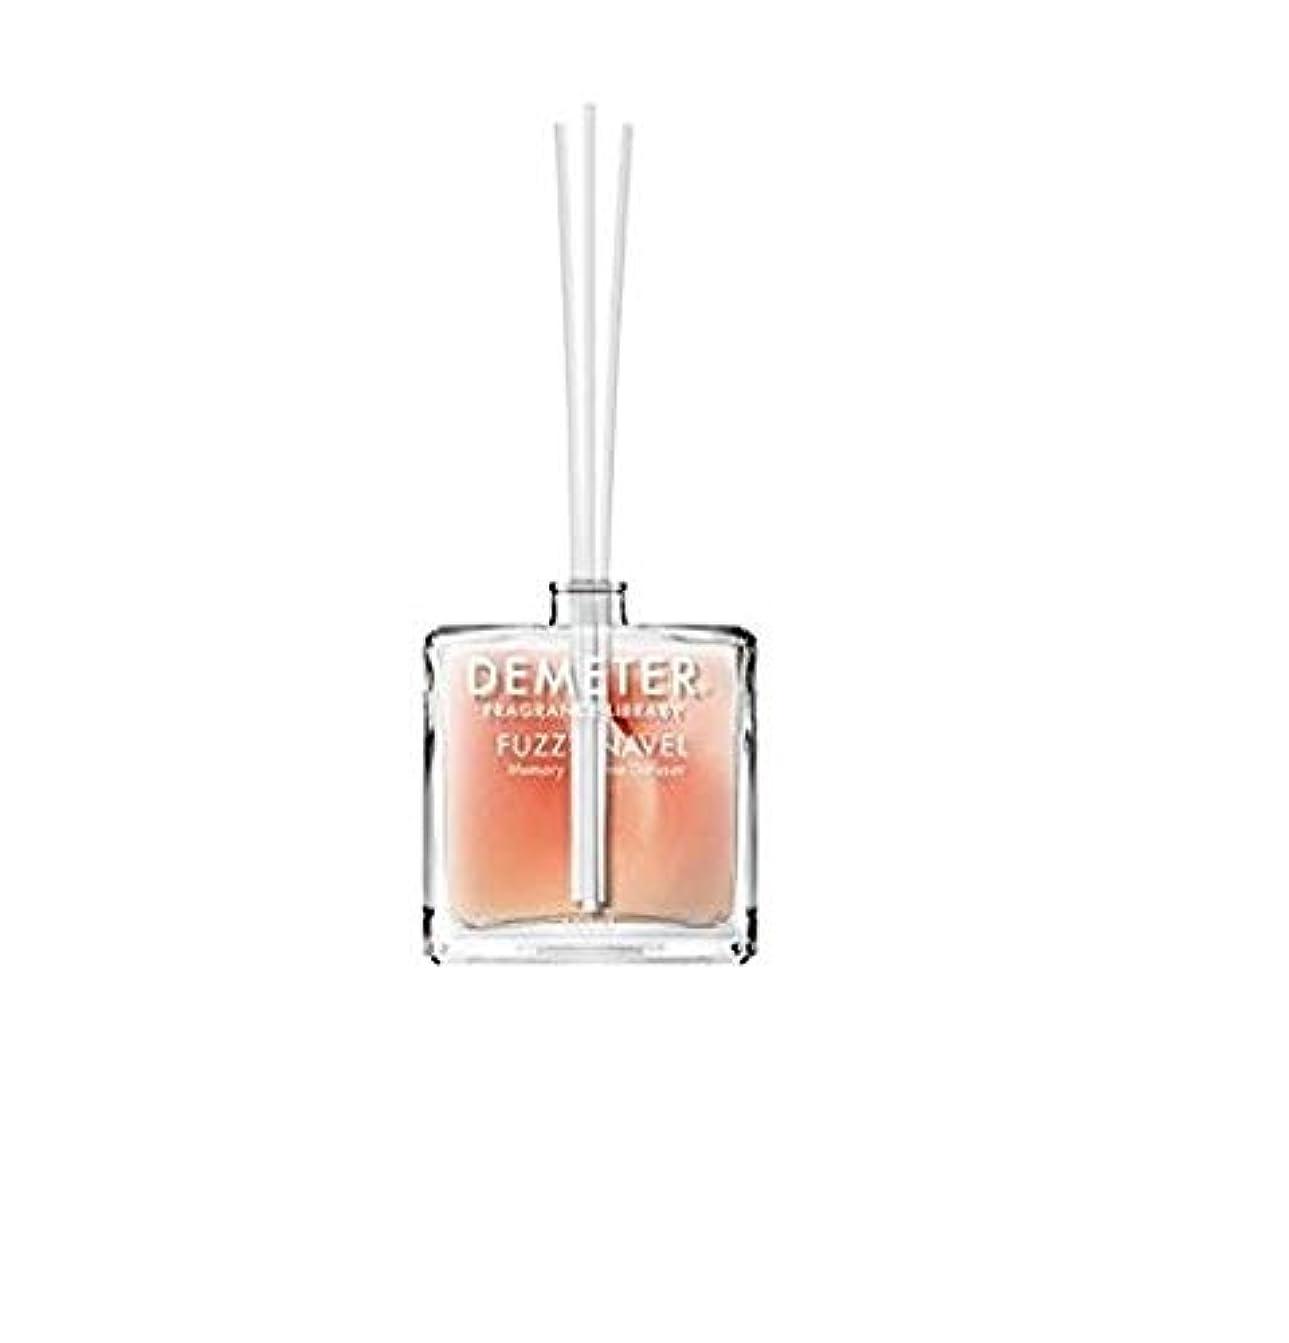 万歳胸リングDemeter メモリーパフュームディフューザー100ml#ファジーネーブル/Memory Perfume Diffuser 100ml #Fuzzy navel [並行輸入品]